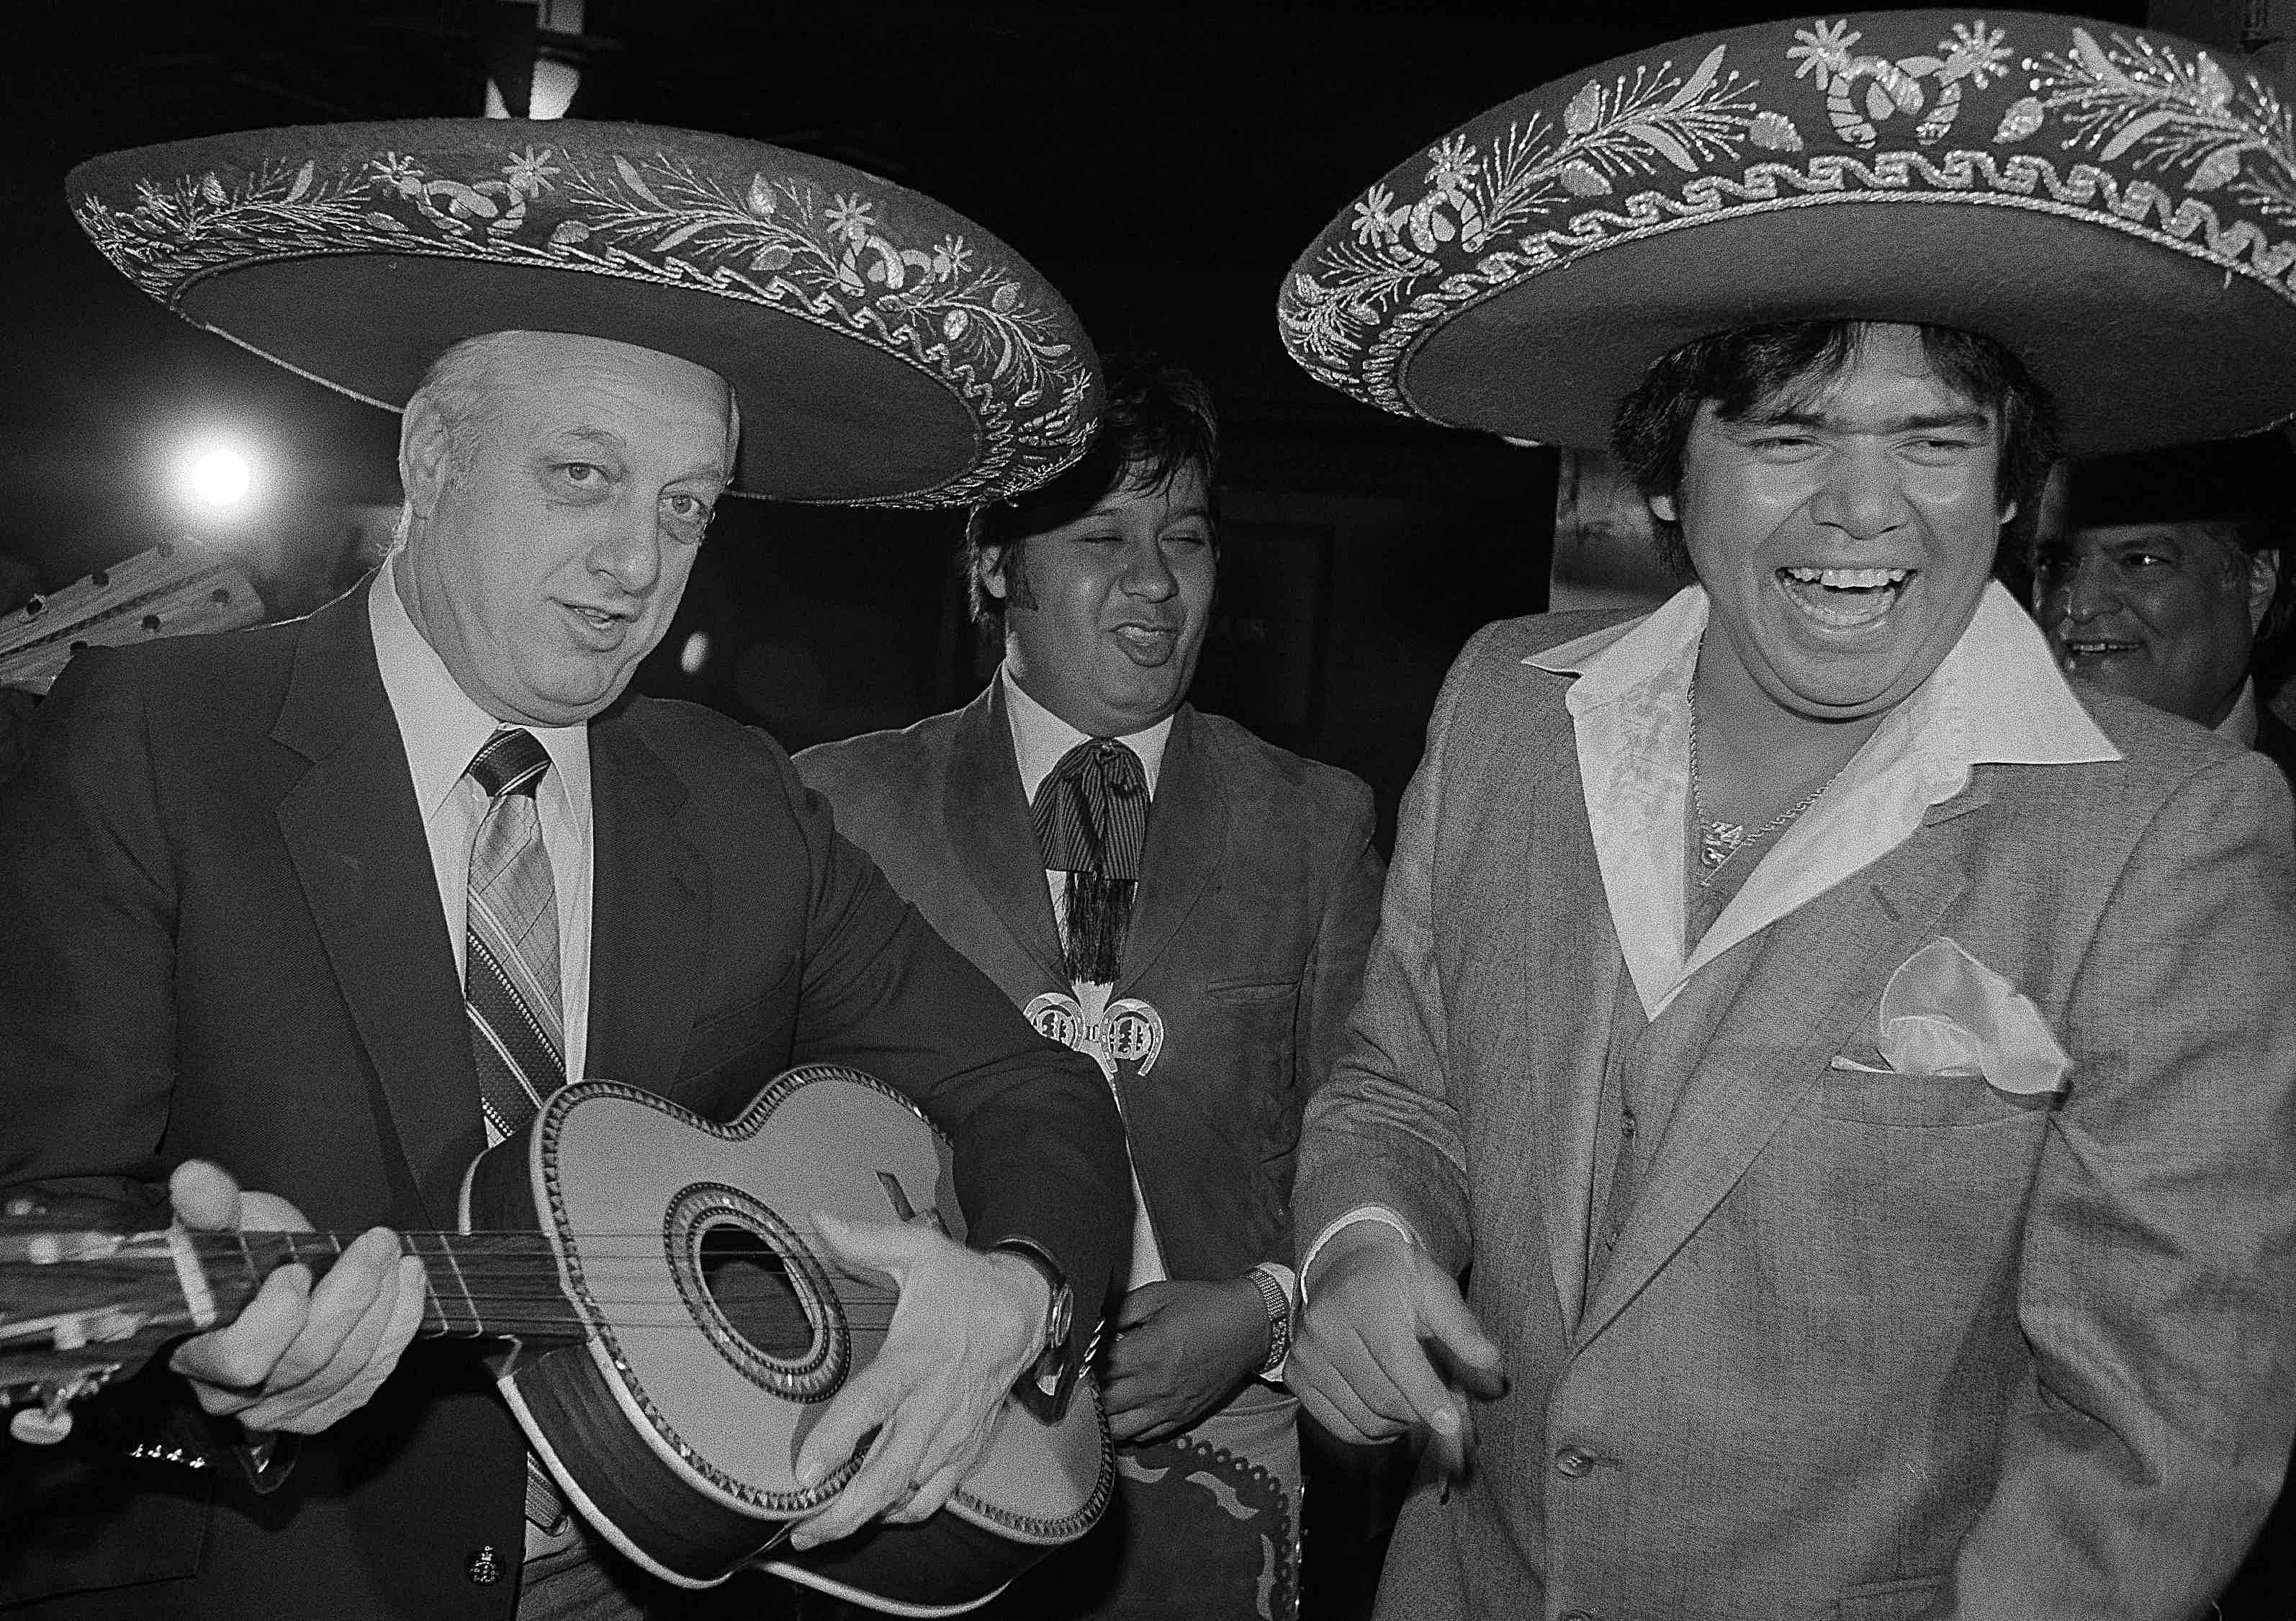 Fernando Valenzuela, de los Dodgers de Los Ángeles, con un sombrero de mariachi